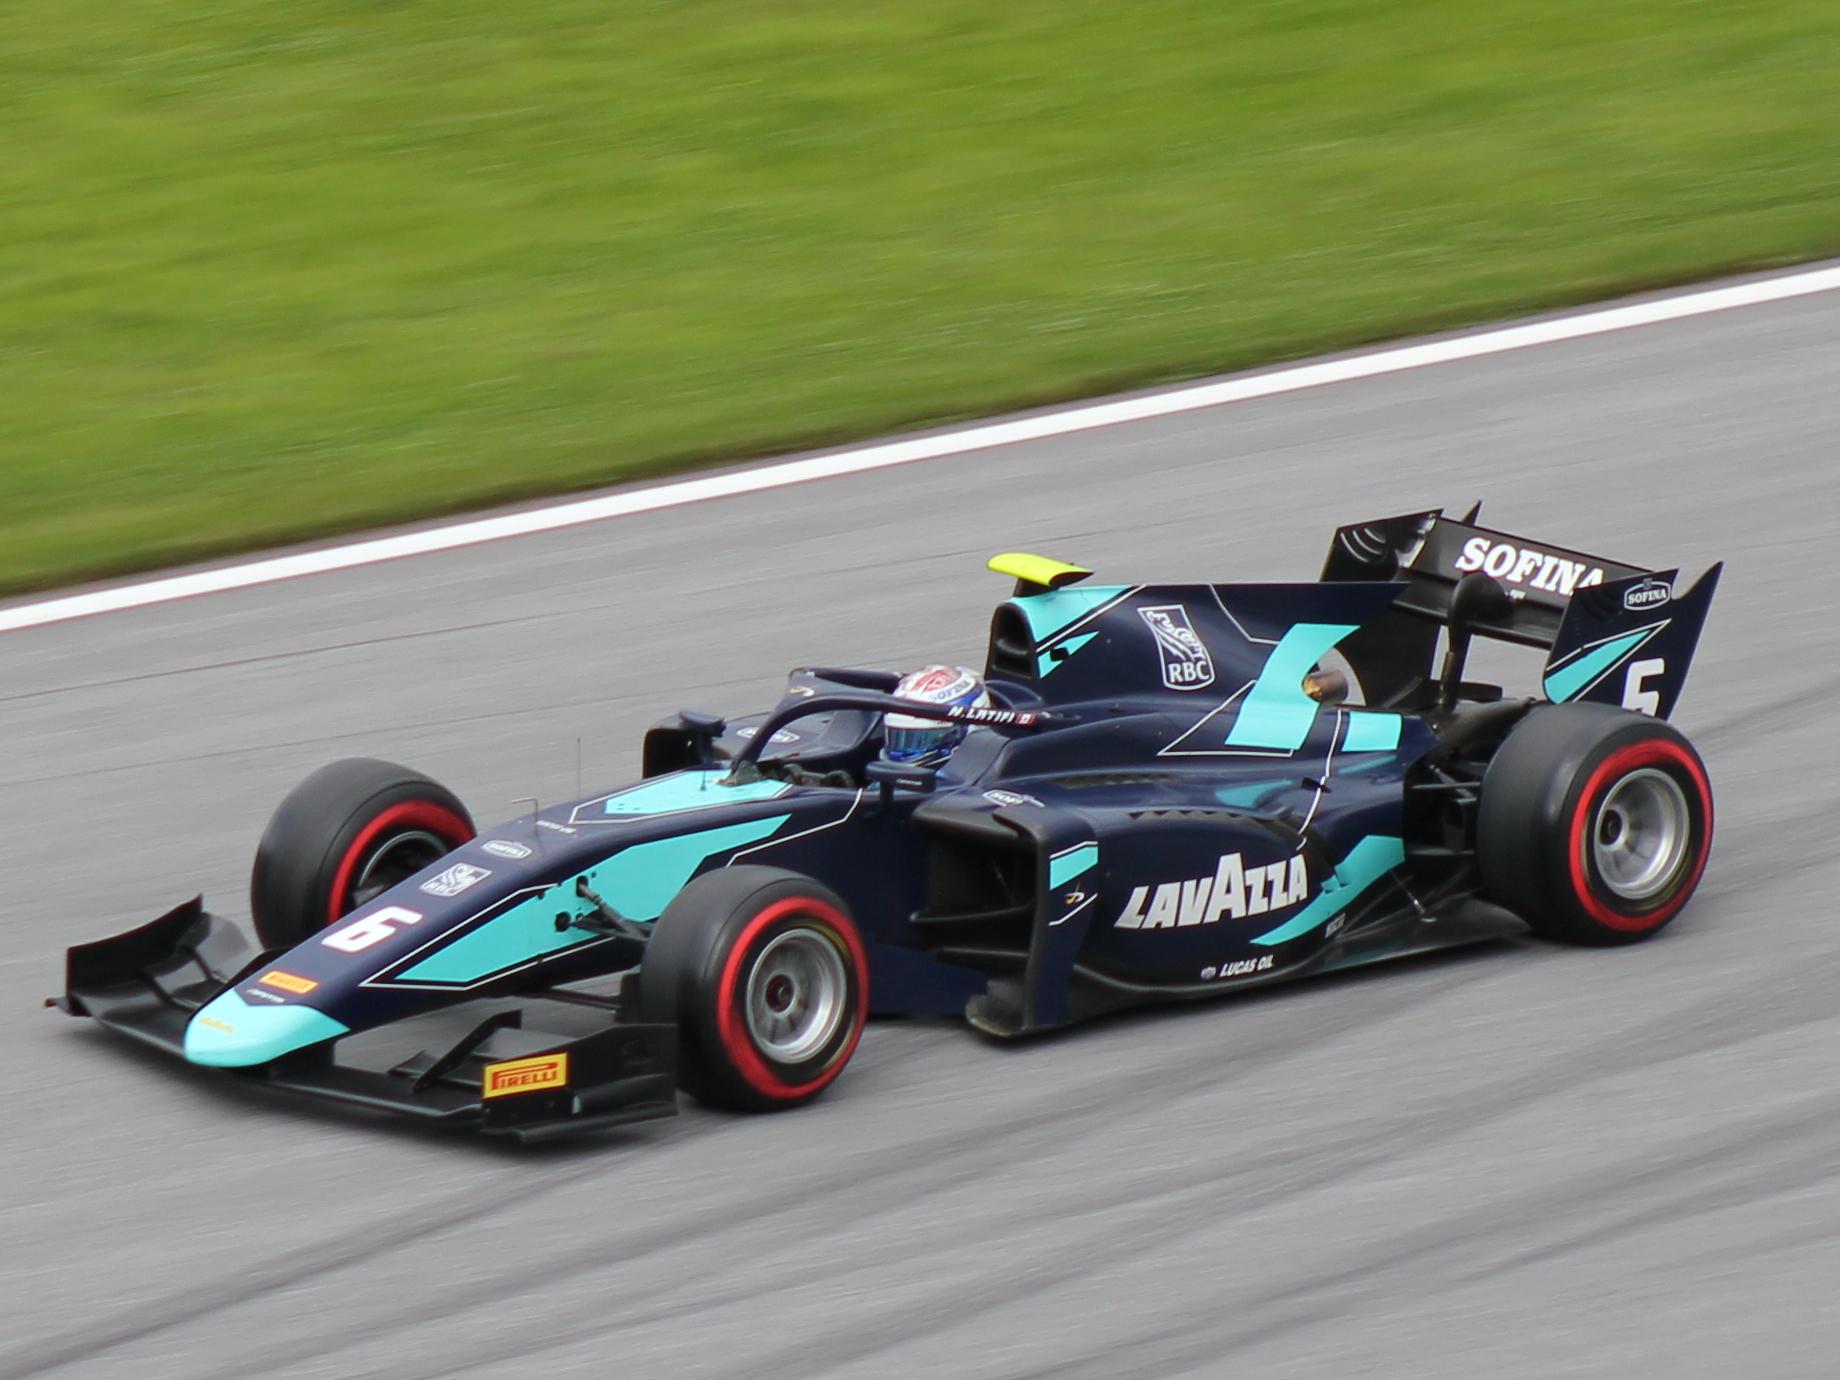 Drie seizoenen was Nicholas Latifi nodig om door te stromen naar de Formule 1.